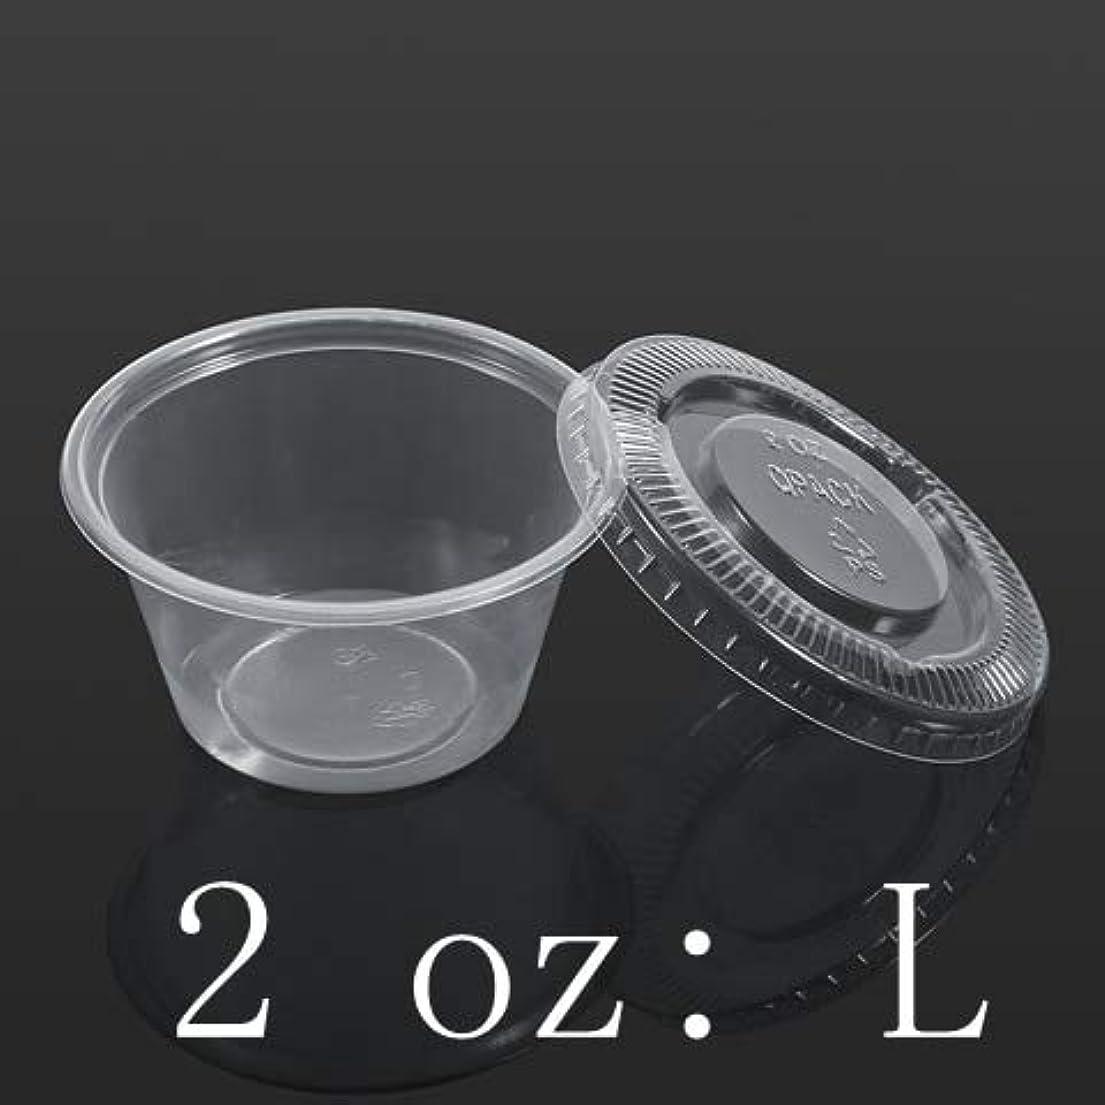 美人マネージャーぎこちないMaxcrestas - 蓋食品テイクアウトでMaxcrestas - 50pcsの醤油カップ使い捨てのプラスチック製のクリアソースチャツネカップボックス